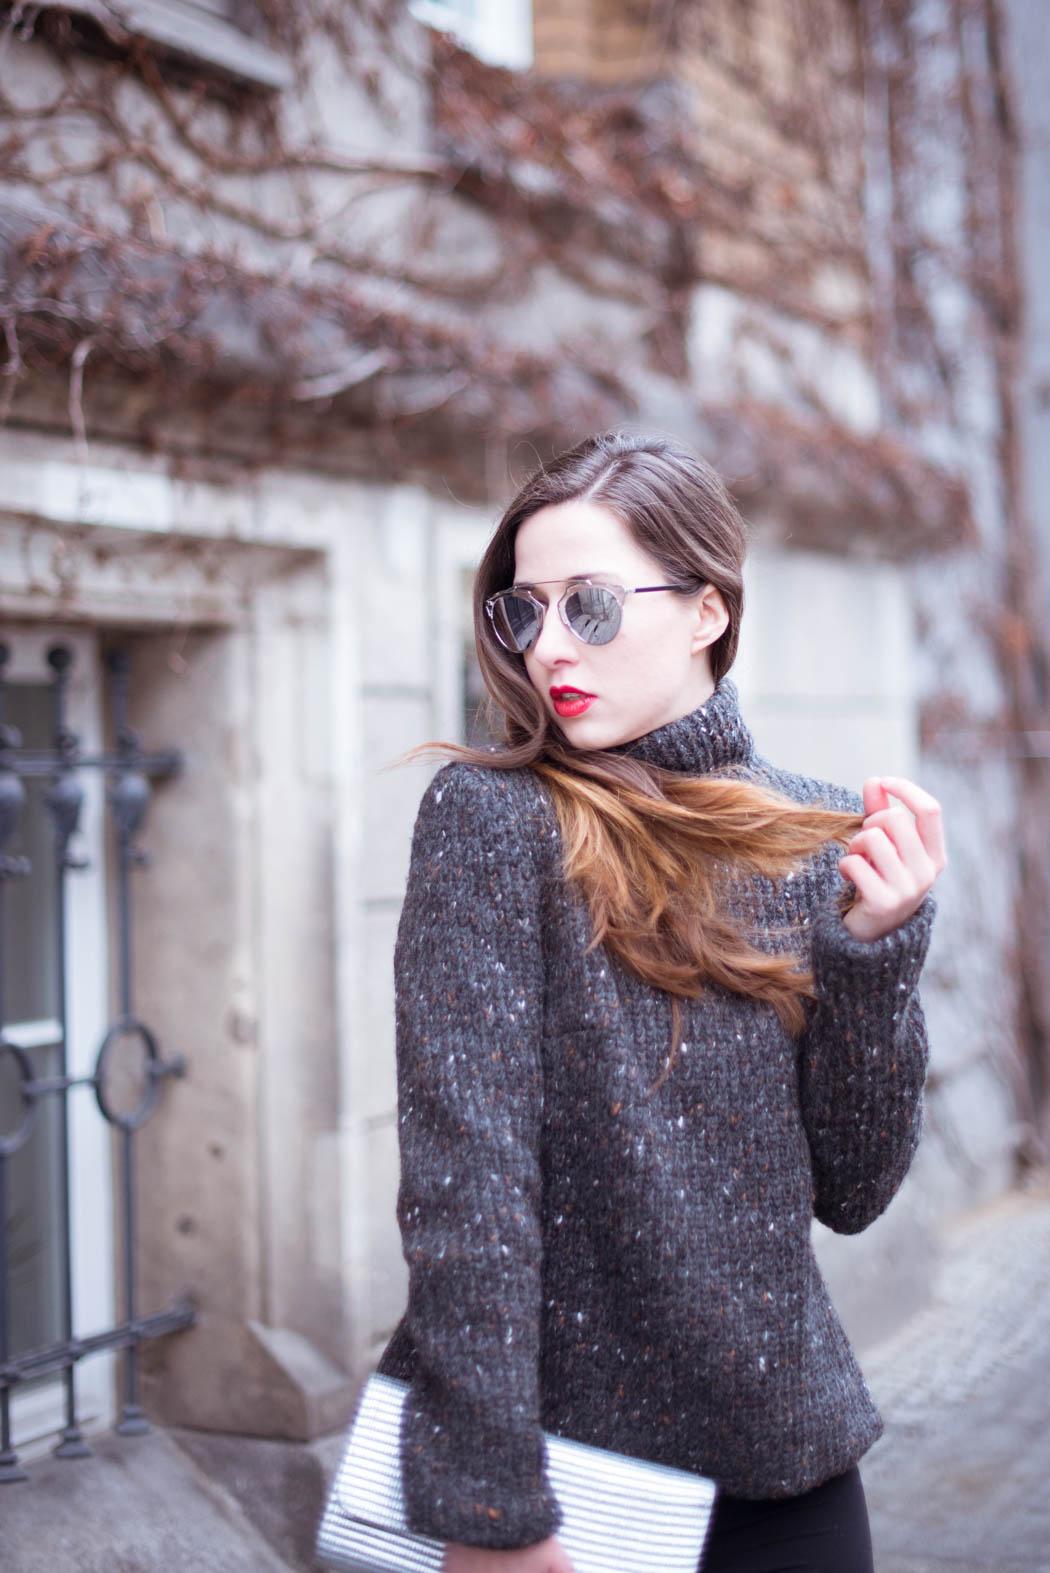 Zara-Ankleboots-Wolford-Dior-so-real-Fashionblogger-München-Deutschland-Lindarella-8